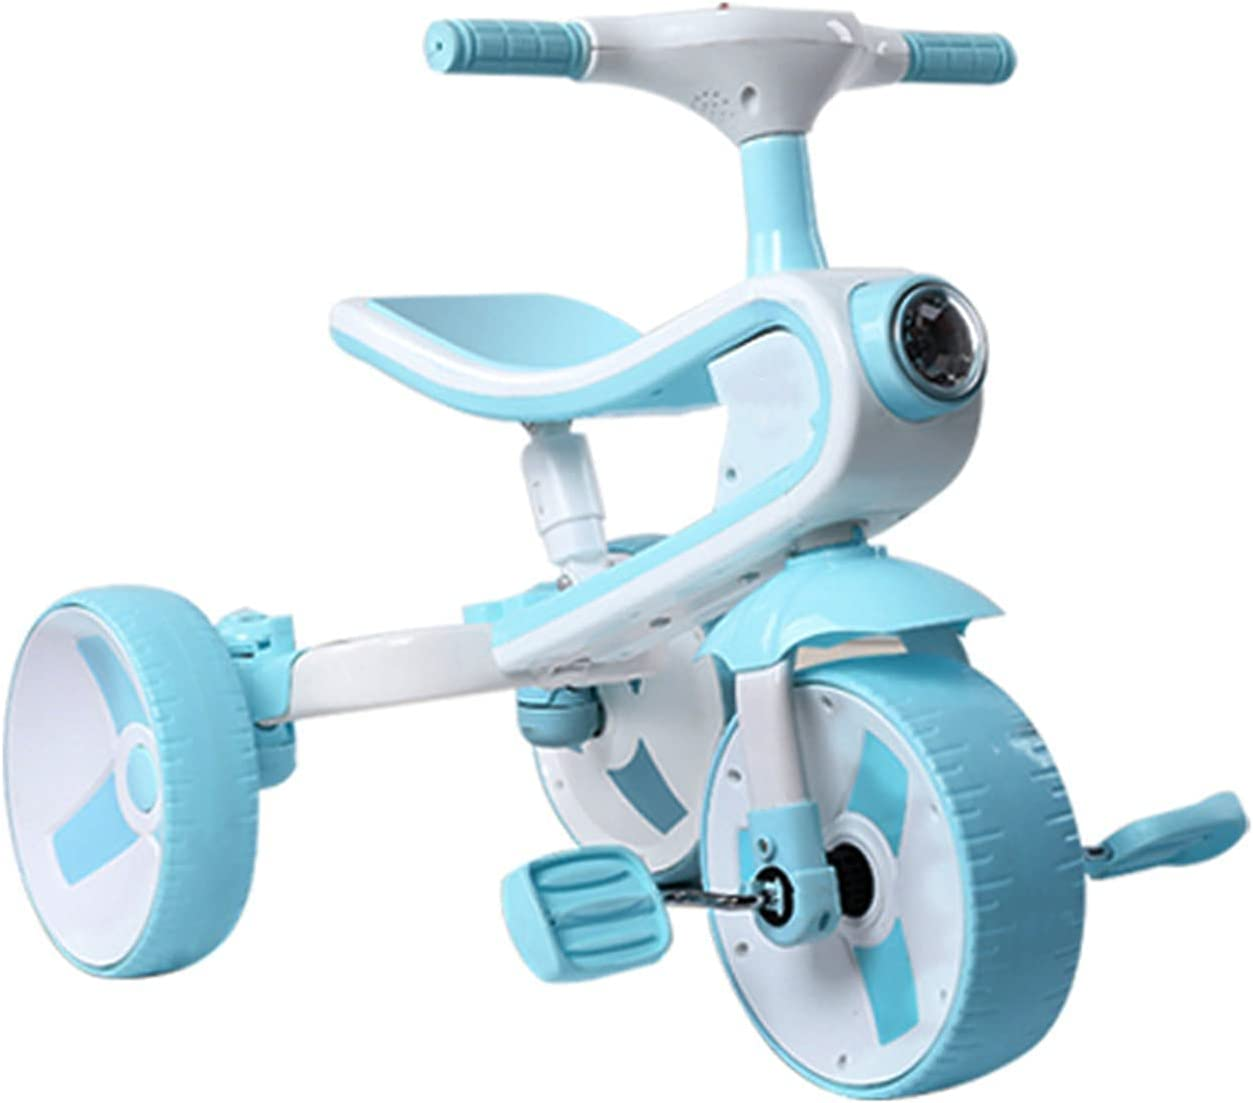 Bicicleta de balance de bebé, triciclo de música de dos en uno, juguetes para niños al aire libre, scooter para niños portátil, ángulo de rotación de límite de 135 °, regalos y niños de 1 año de edad.